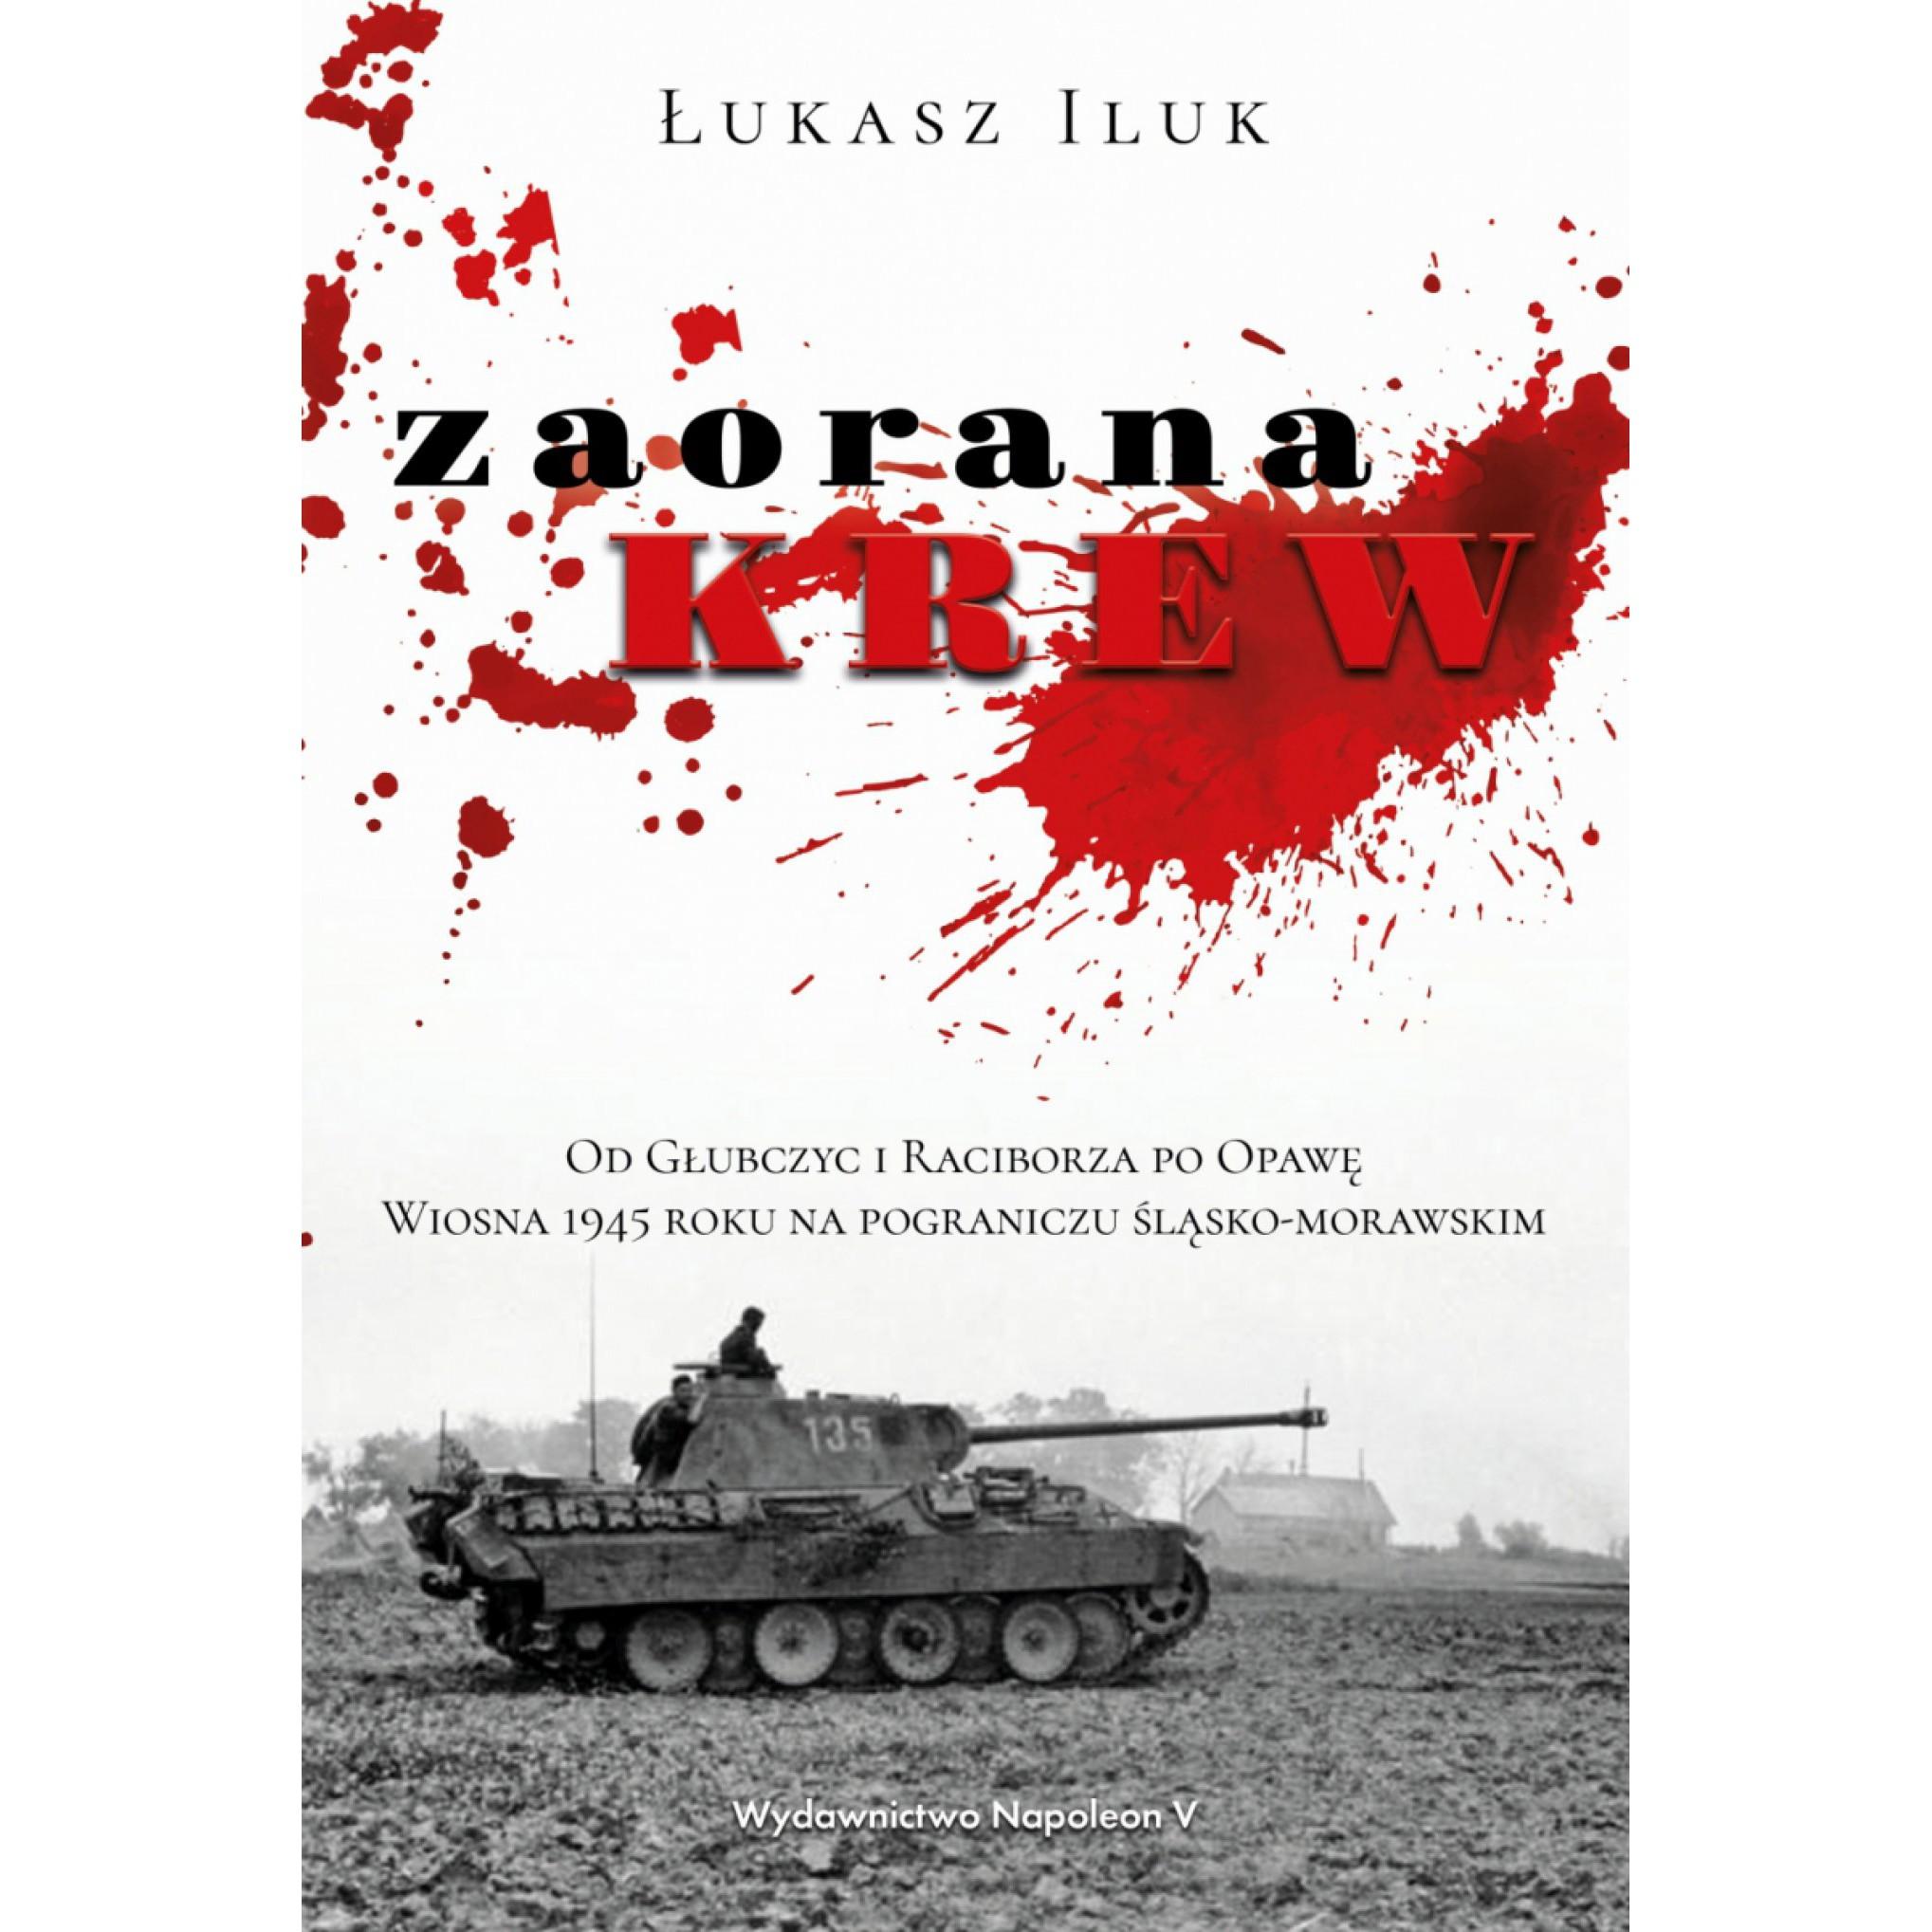 Zaorana krew. Od Głubczyc i Raciborza po Opawę. Wiosna 1945 roku na pograniczu śląsko-morawskim